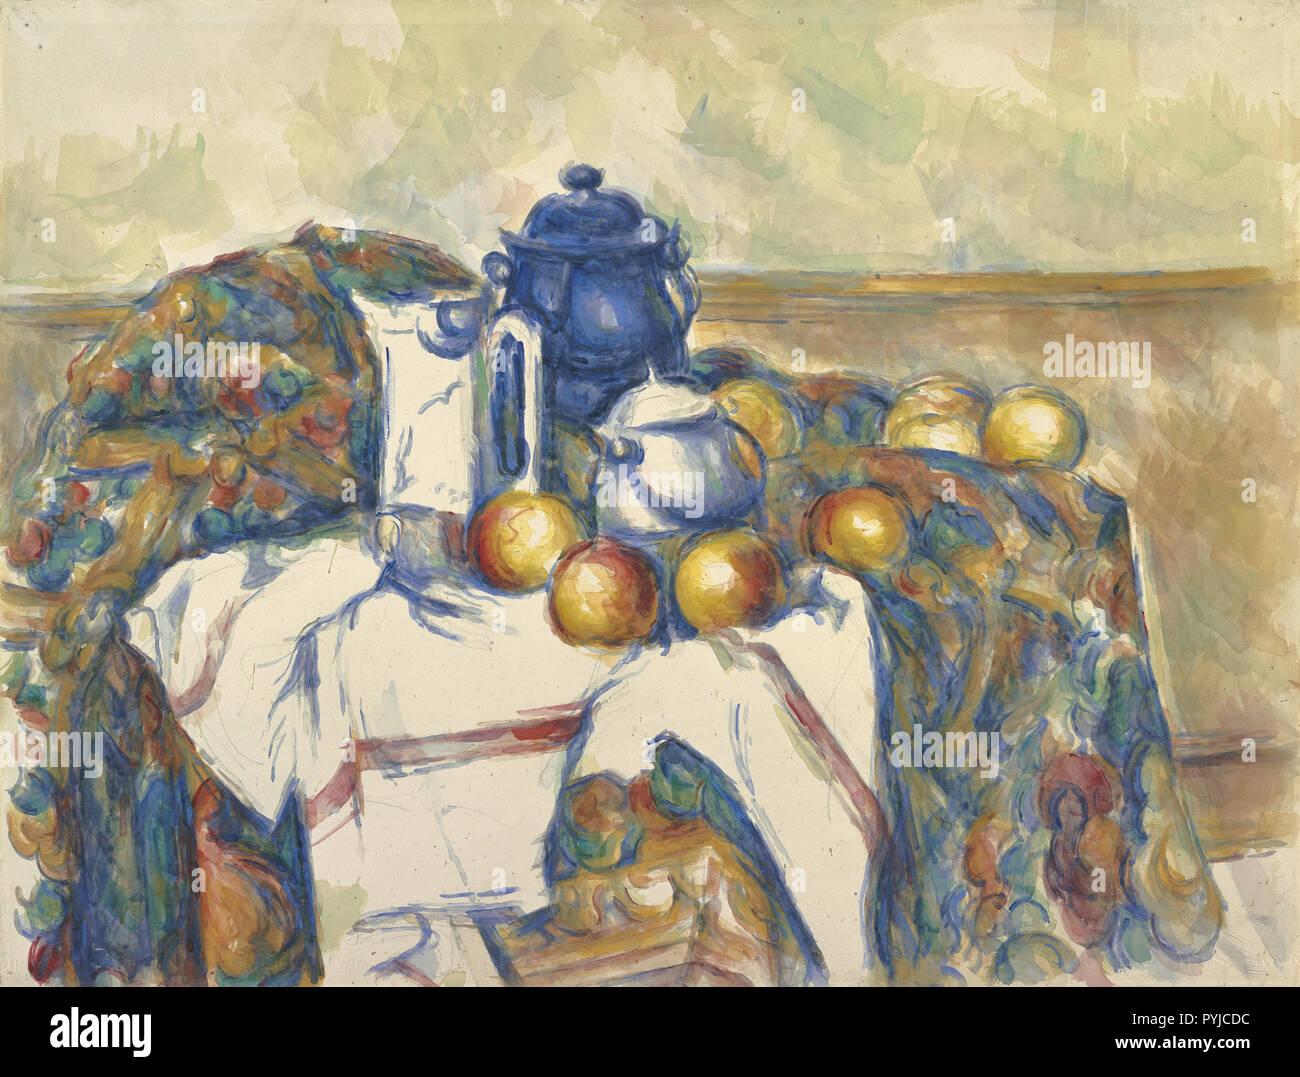 Nature morte au Pot bleu; Paul Cézanne (Français, 1839 - 1906); France; vers 1900; Aquarelle sur mine de plomb, 48,1 x 63,2 cm (18 15/16 x 24 7/8 in.); 83 Banque D'Images